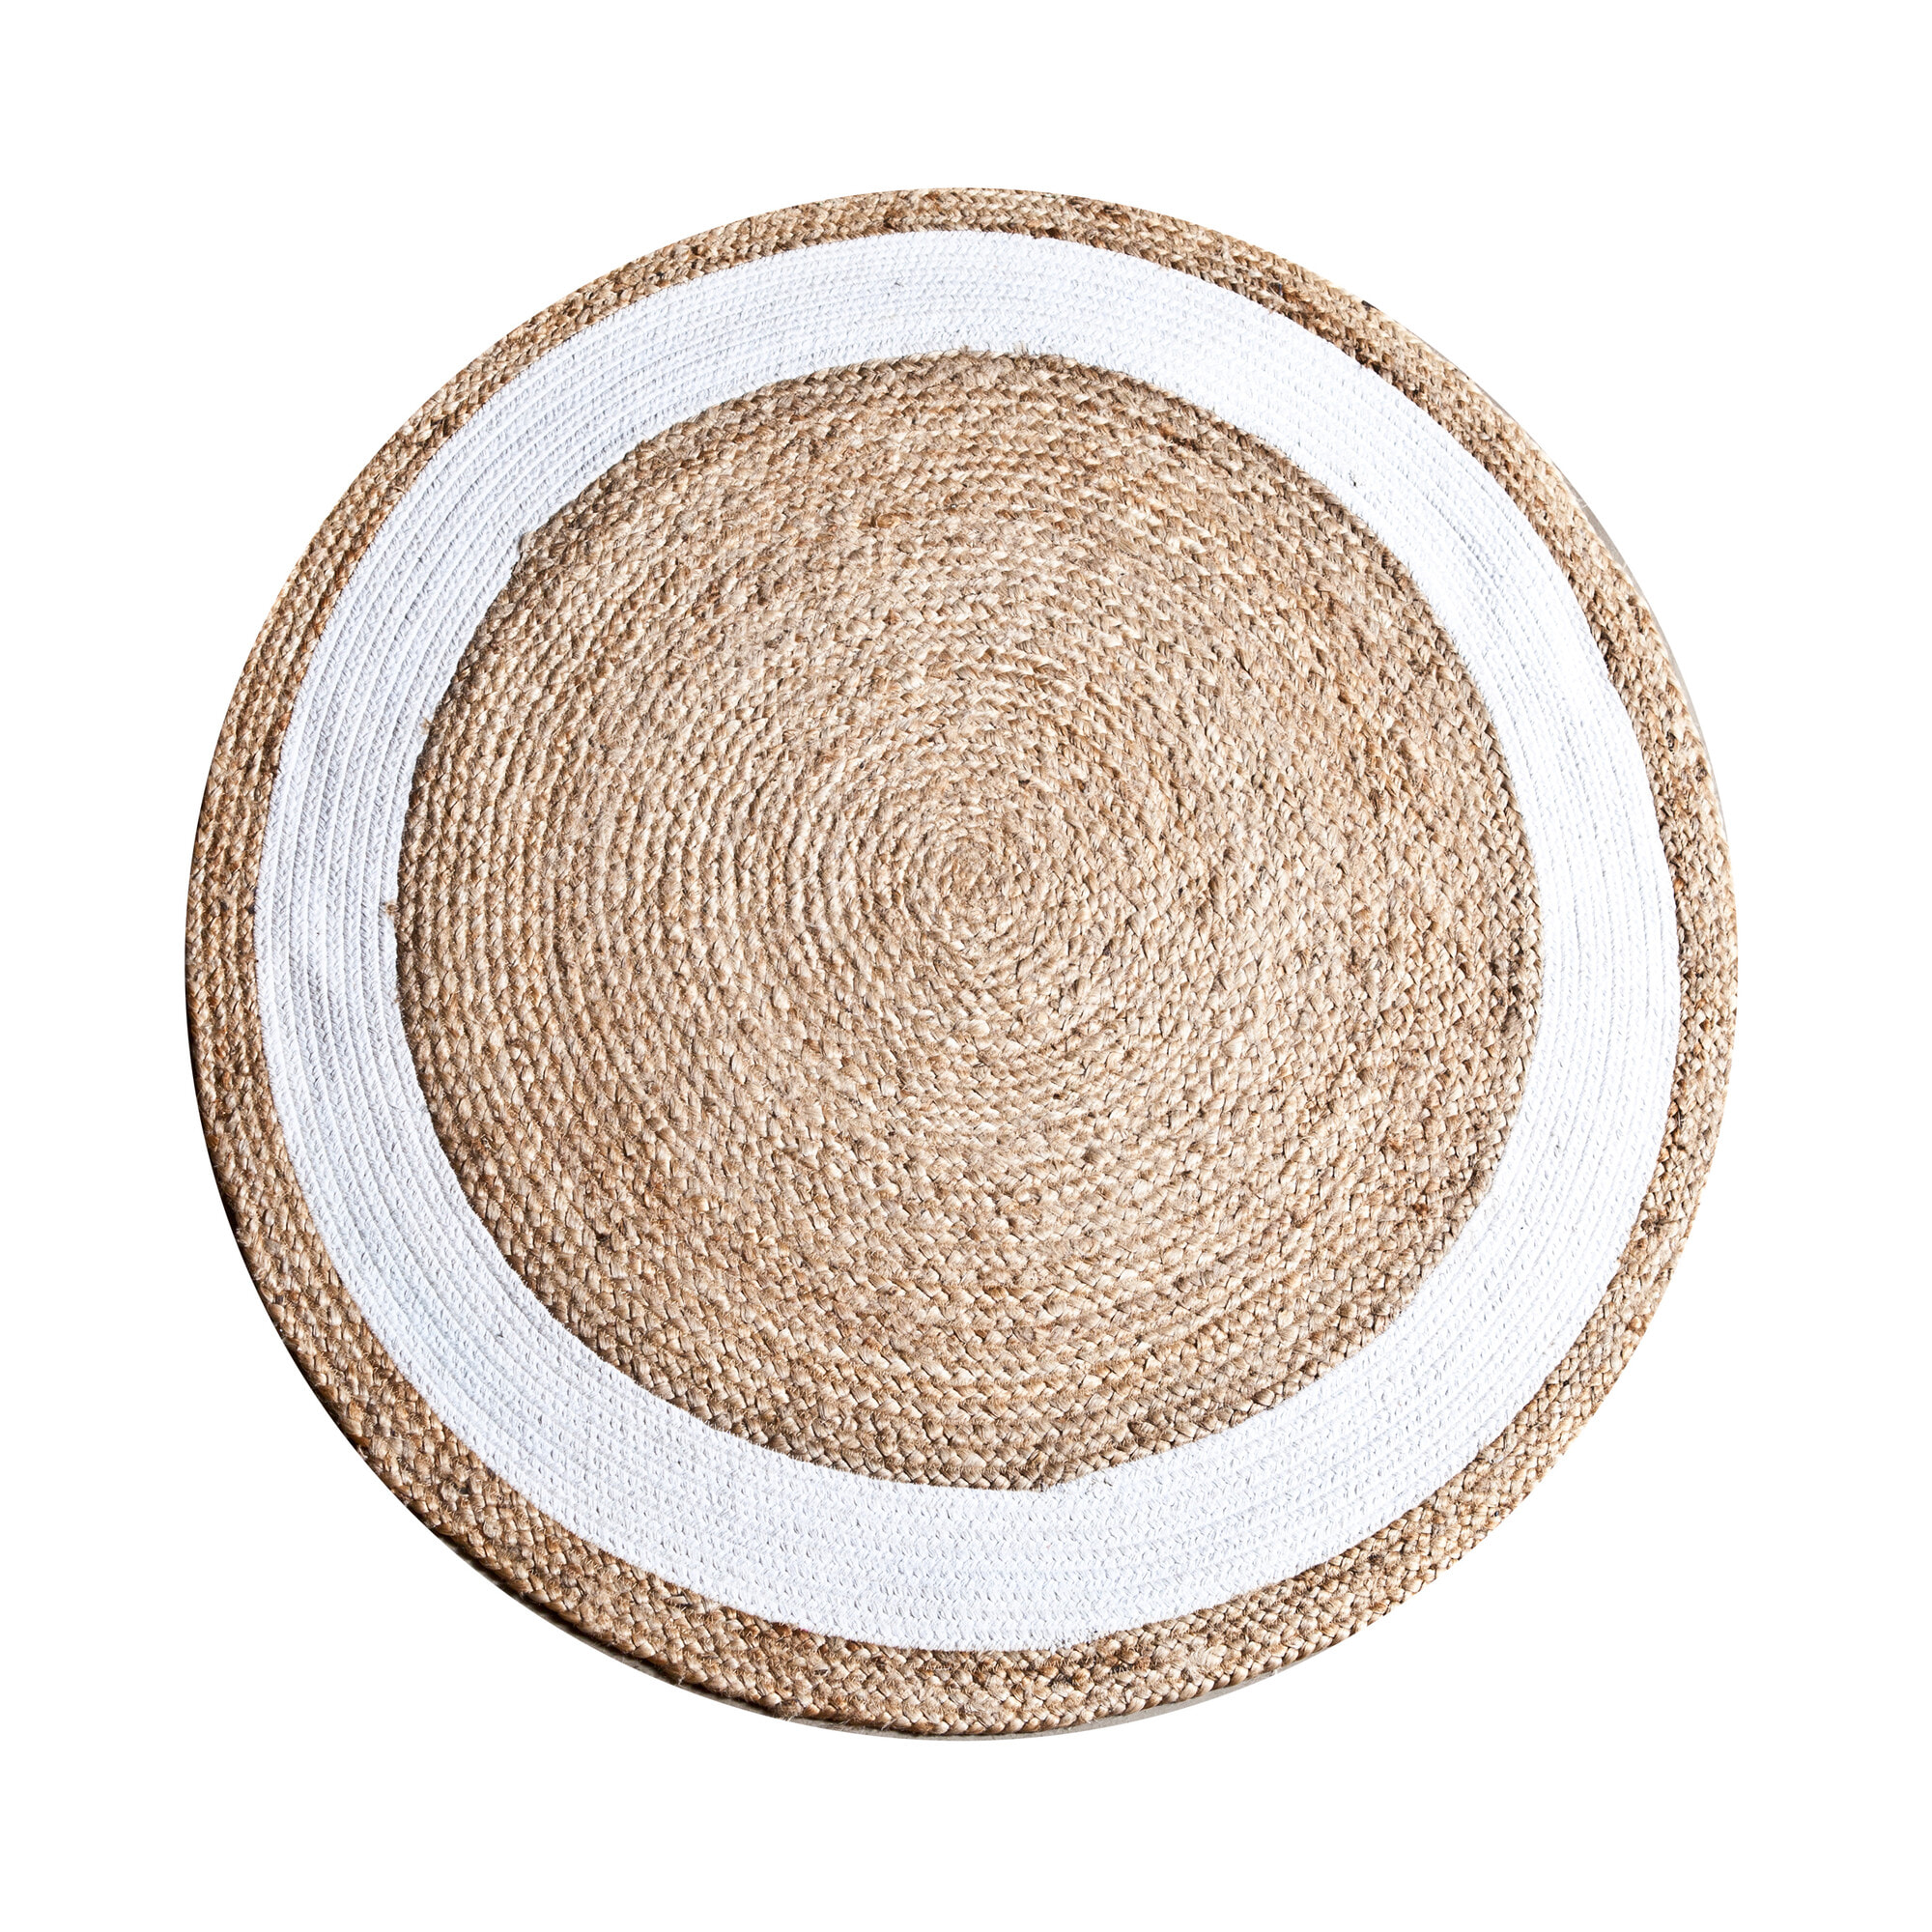 By-Boo Vloerkleed 'Jute Round' 120 cm, kleur wit Jute aanschaffen? Kijk hier!